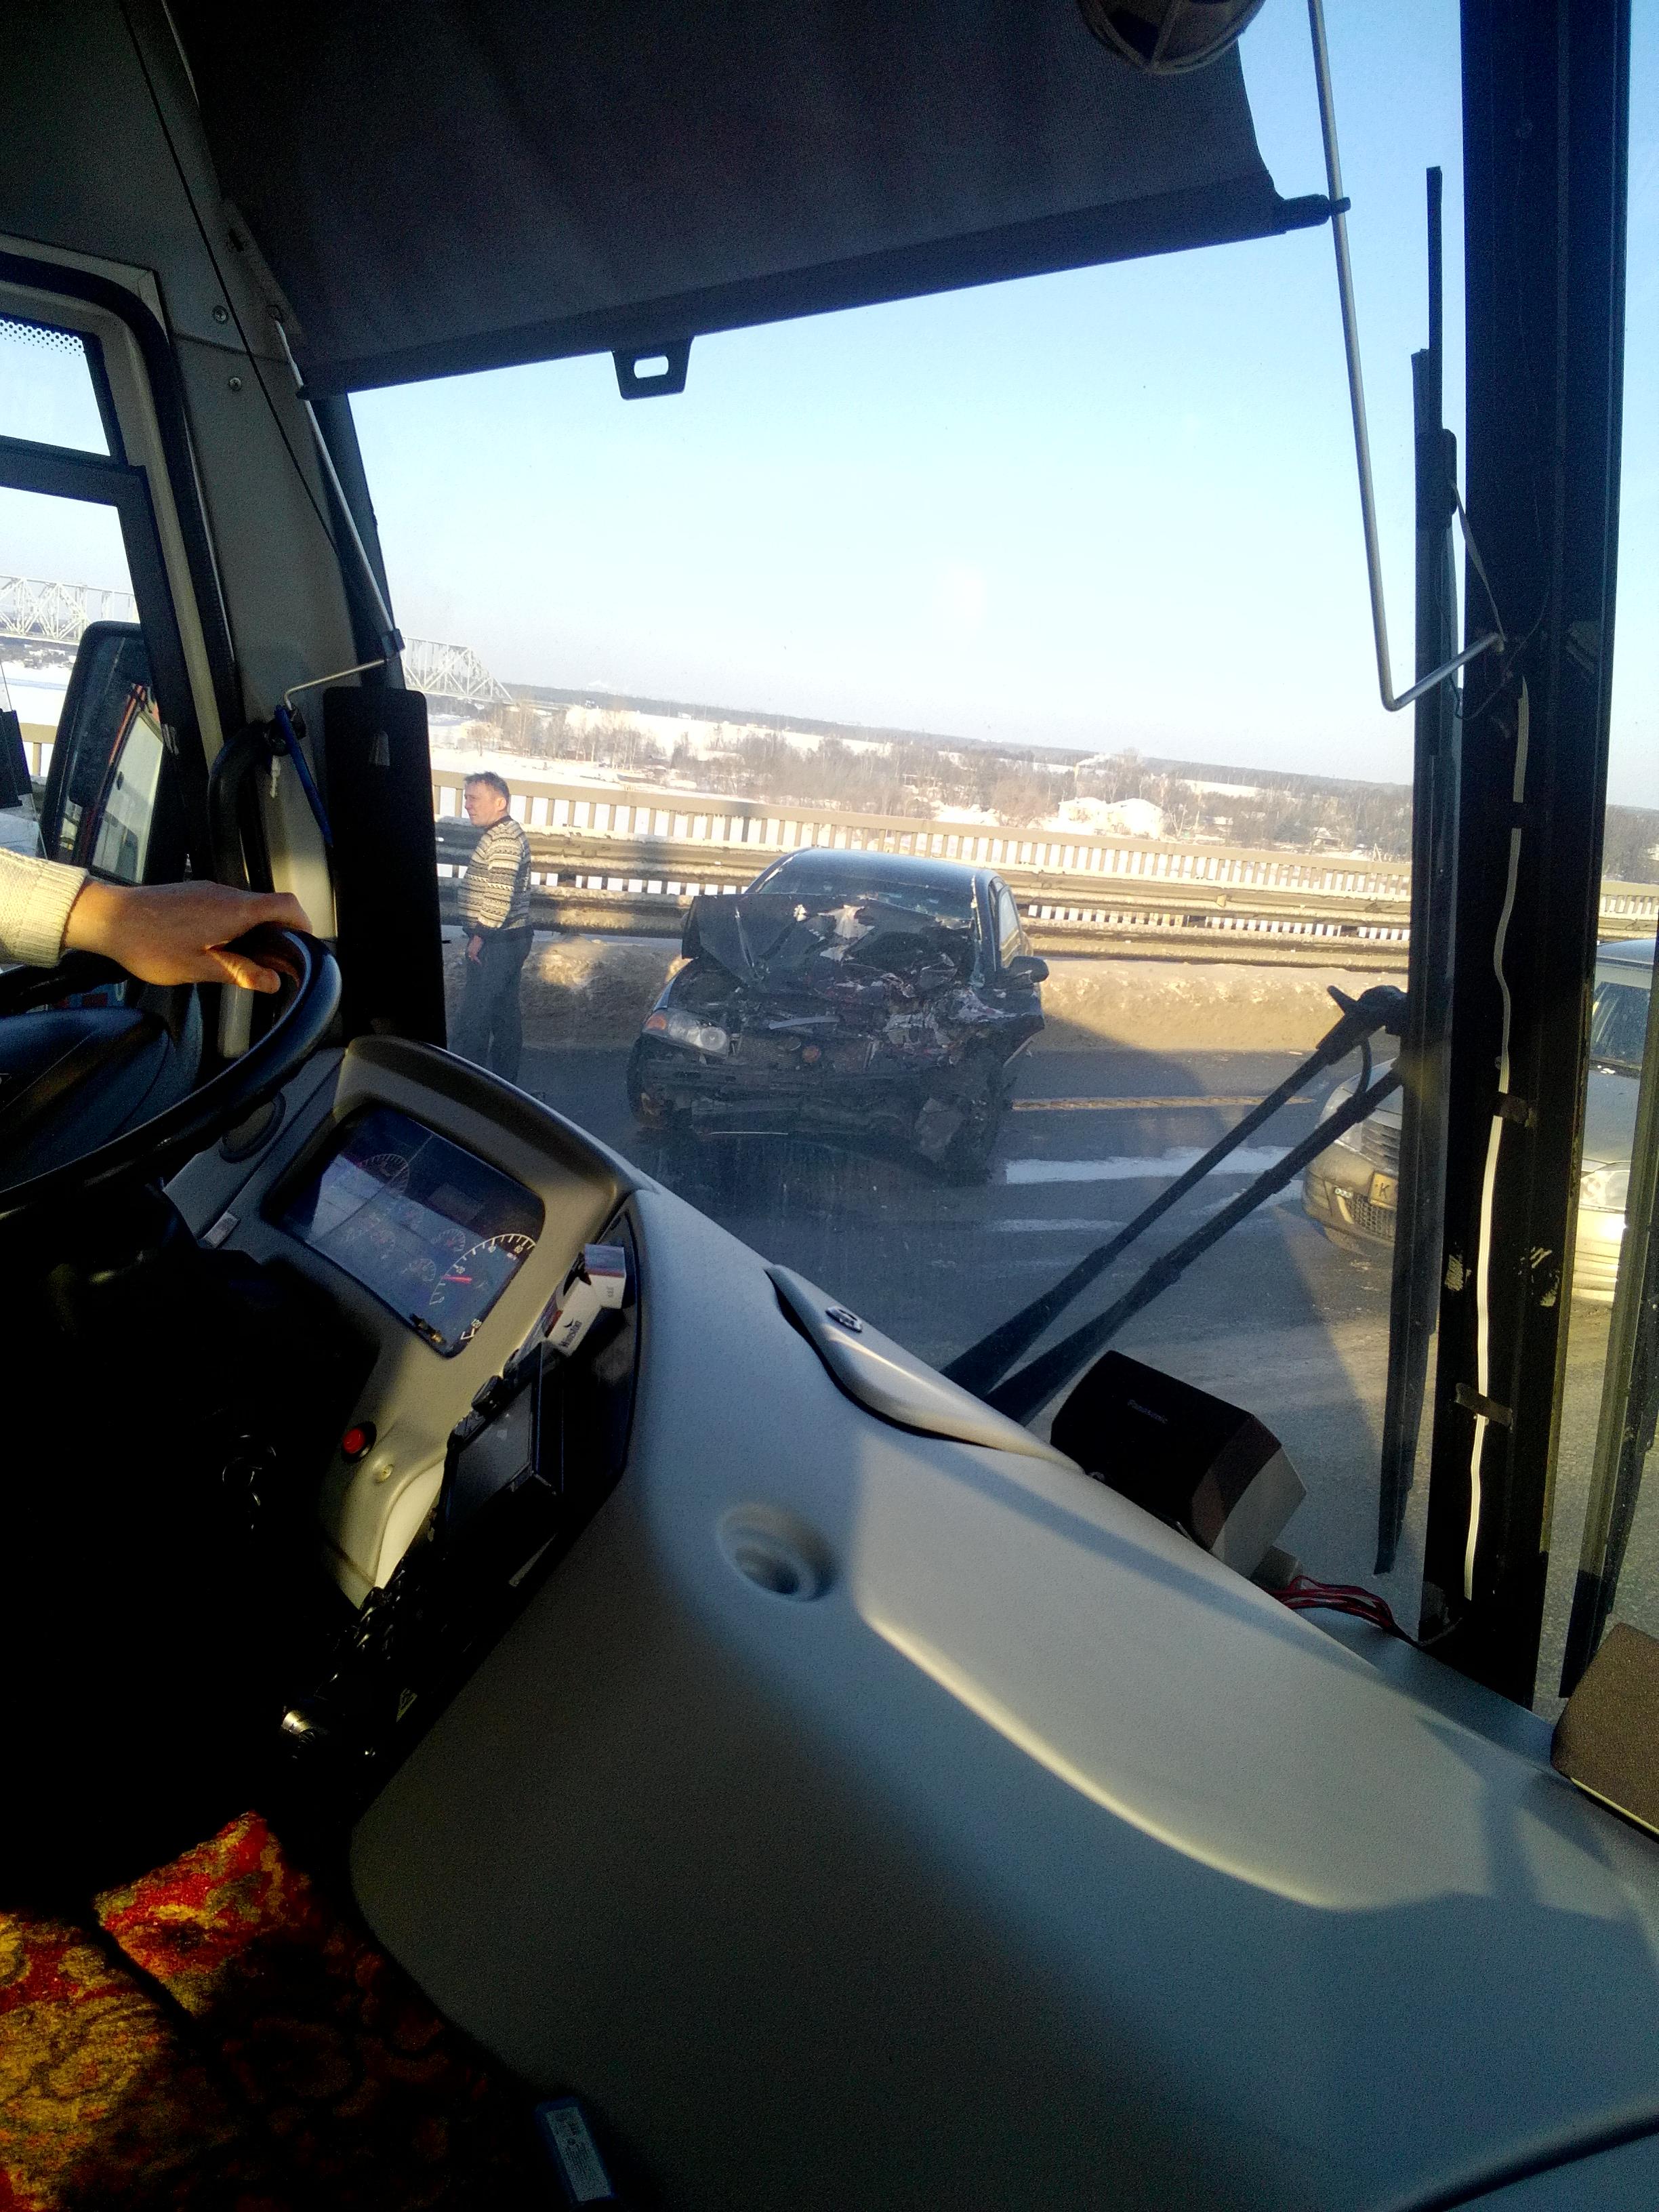 Едем уже час: лобовое столкновение парализовало движение на Октябрьском мосту